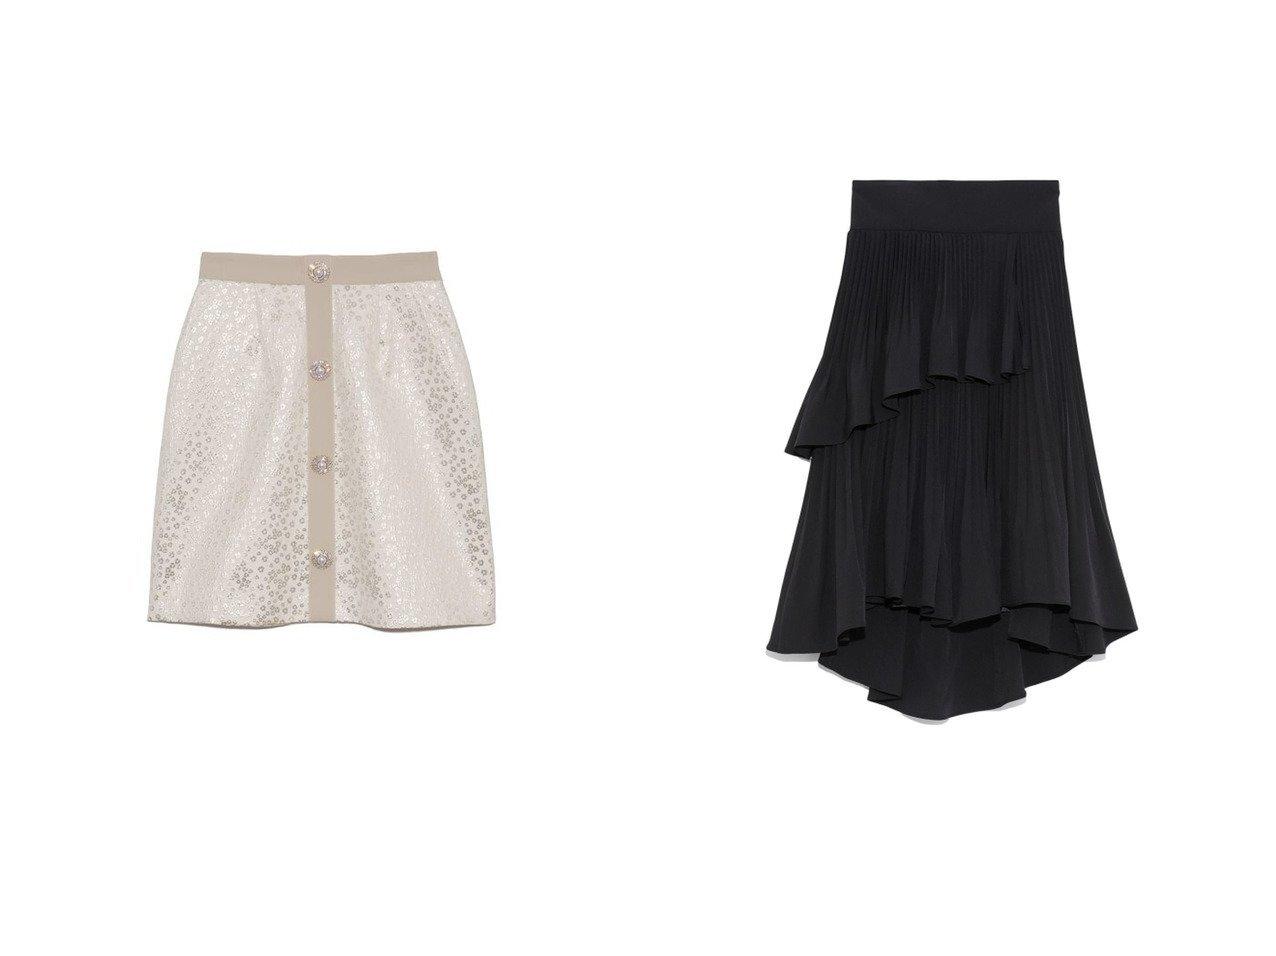 【SNIDEL/スナイデル】のプリーツフレアミニスカート&【Lily Brown/リリーブラウン】の[L.B CANDY STOCK]ビジュー釦ミニスカート スカートのおすすめ!人気、レディースファッションの通販 おすすめで人気のファッション通販商品 インテリア・家具・キッズファッション・メンズファッション・レディースファッション・服の通販 founy(ファニー) https://founy.com/ ファッション Fashion レディース WOMEN スカート Skirt ミニスカート Mini Skirts コンパクト スマート 台形 パイピング ビジュー フロント ミニスカート 無地 冬 Winter クラシカル セットアップ フレア プリーツ ペプラム ロング  ID:crp329100000002705